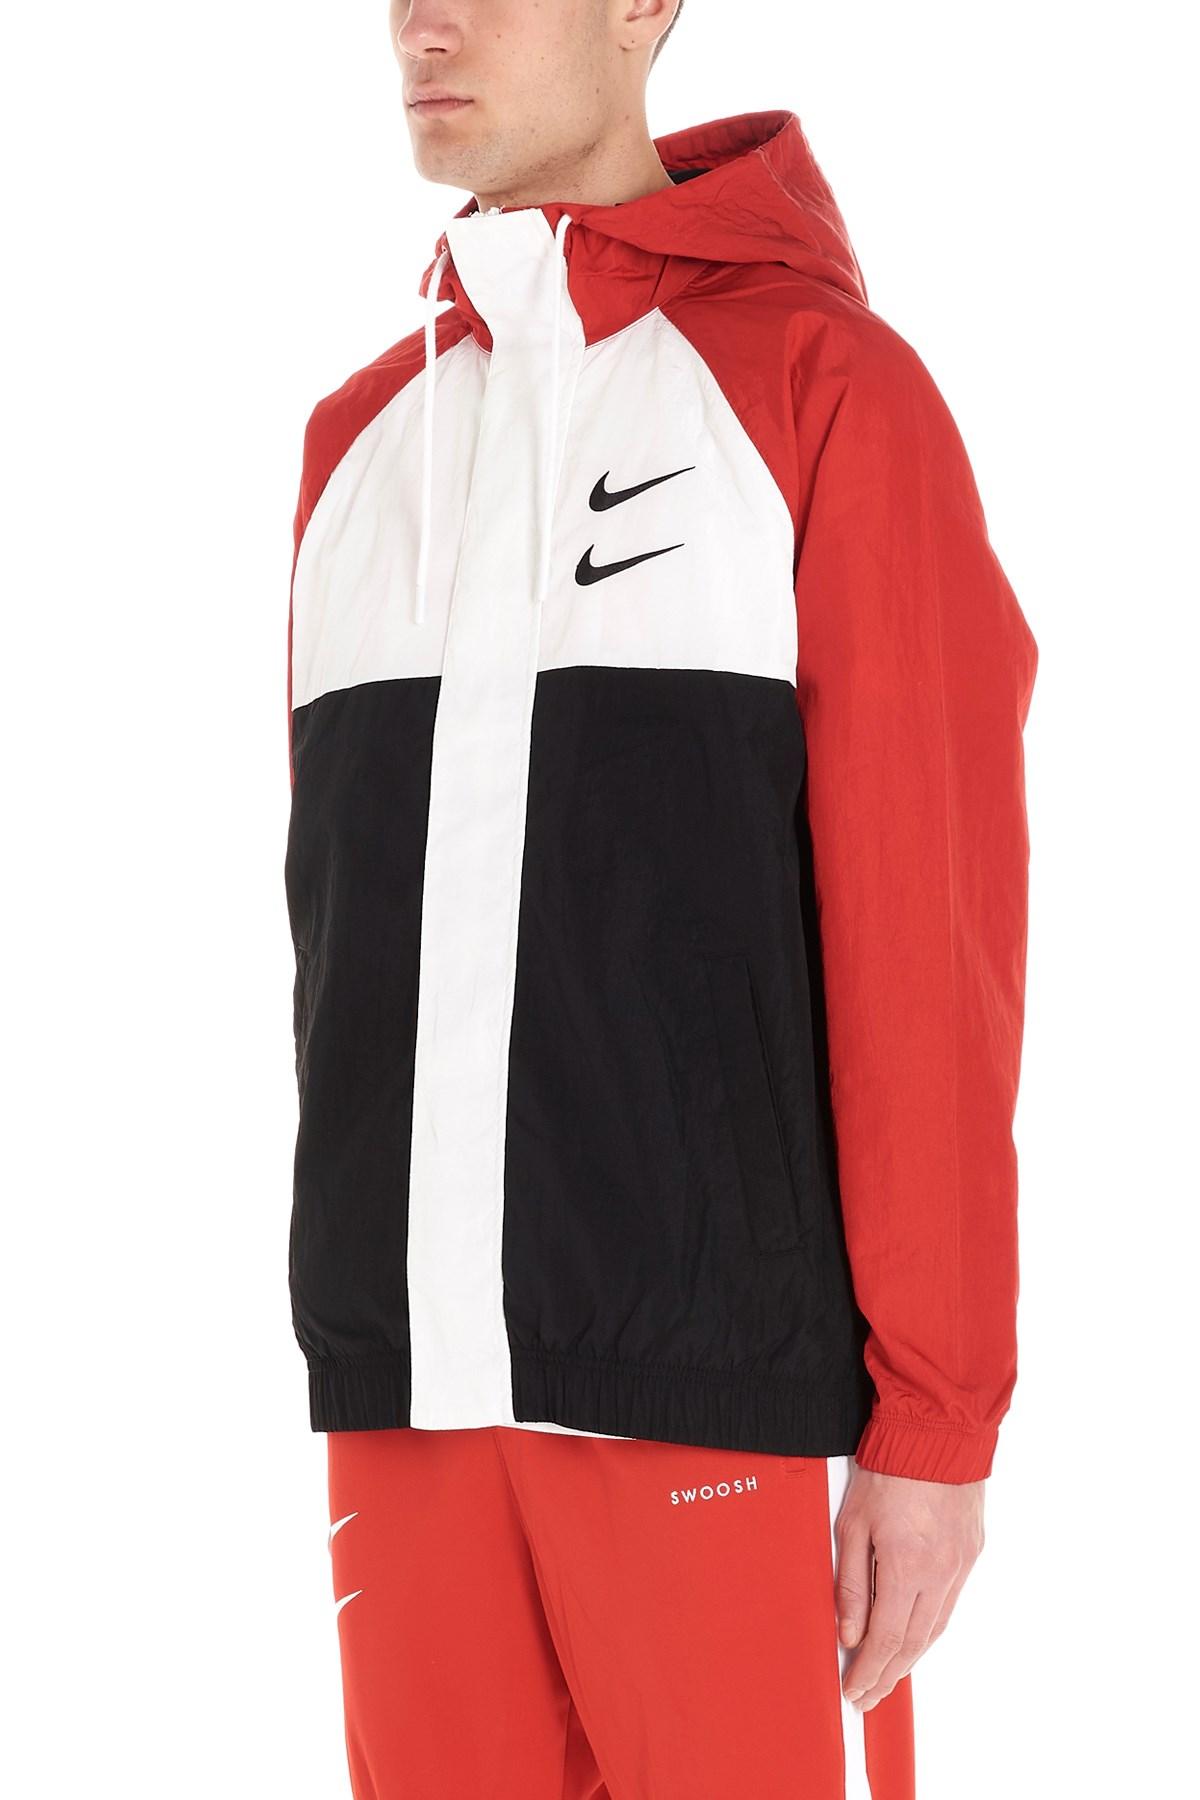 k way nike sportswear